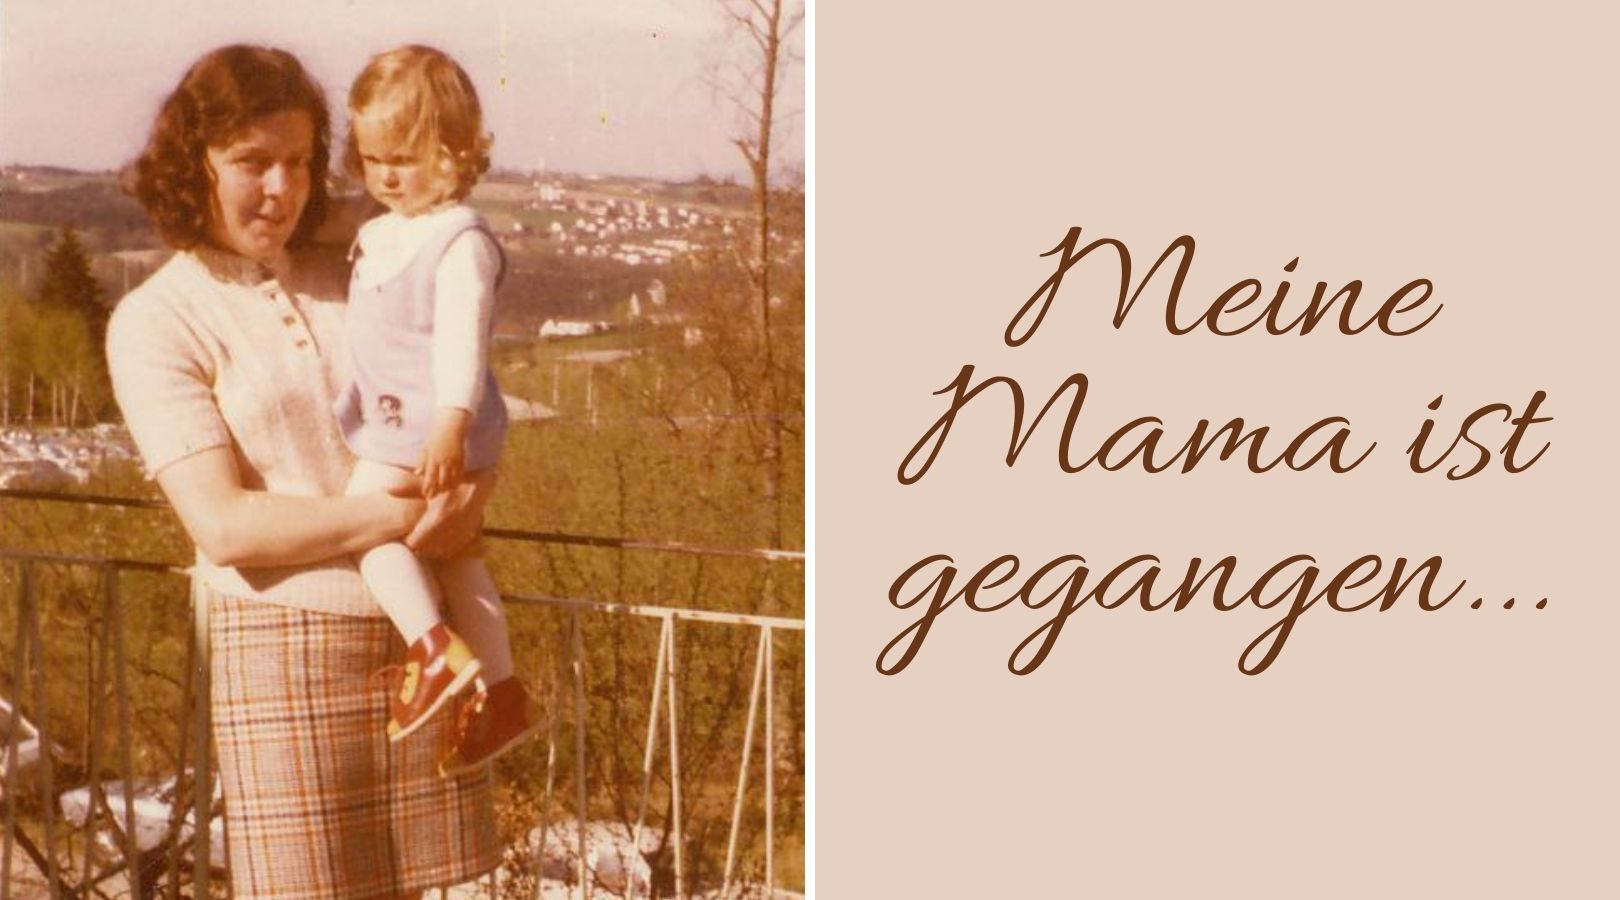 Meine Mama ist gegangen